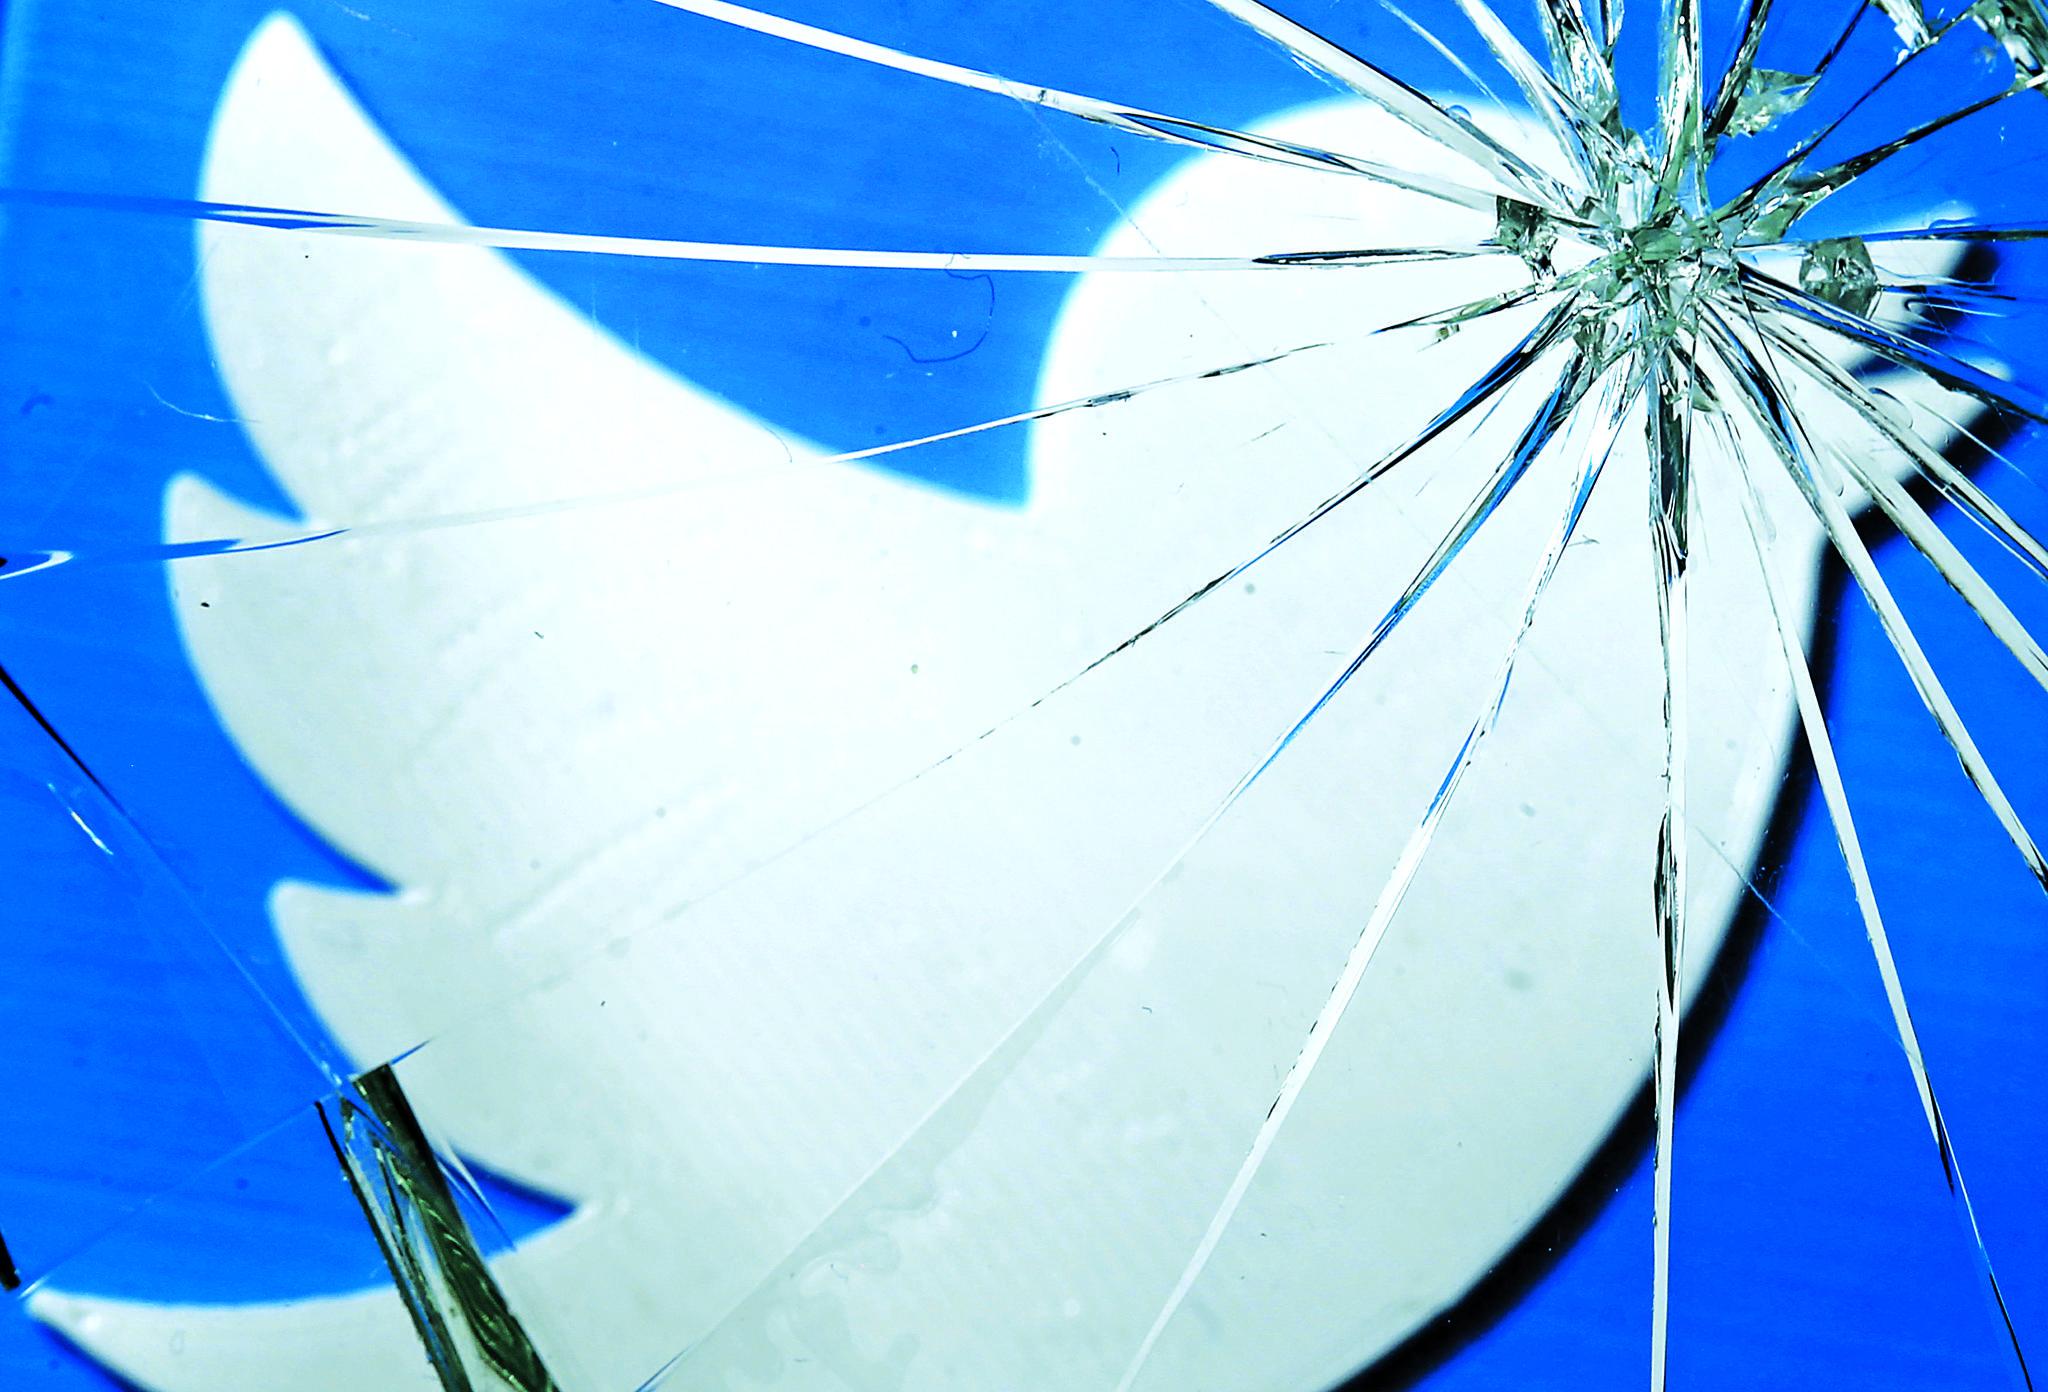 It's Time to Kill Twitter, Before It Kills Us